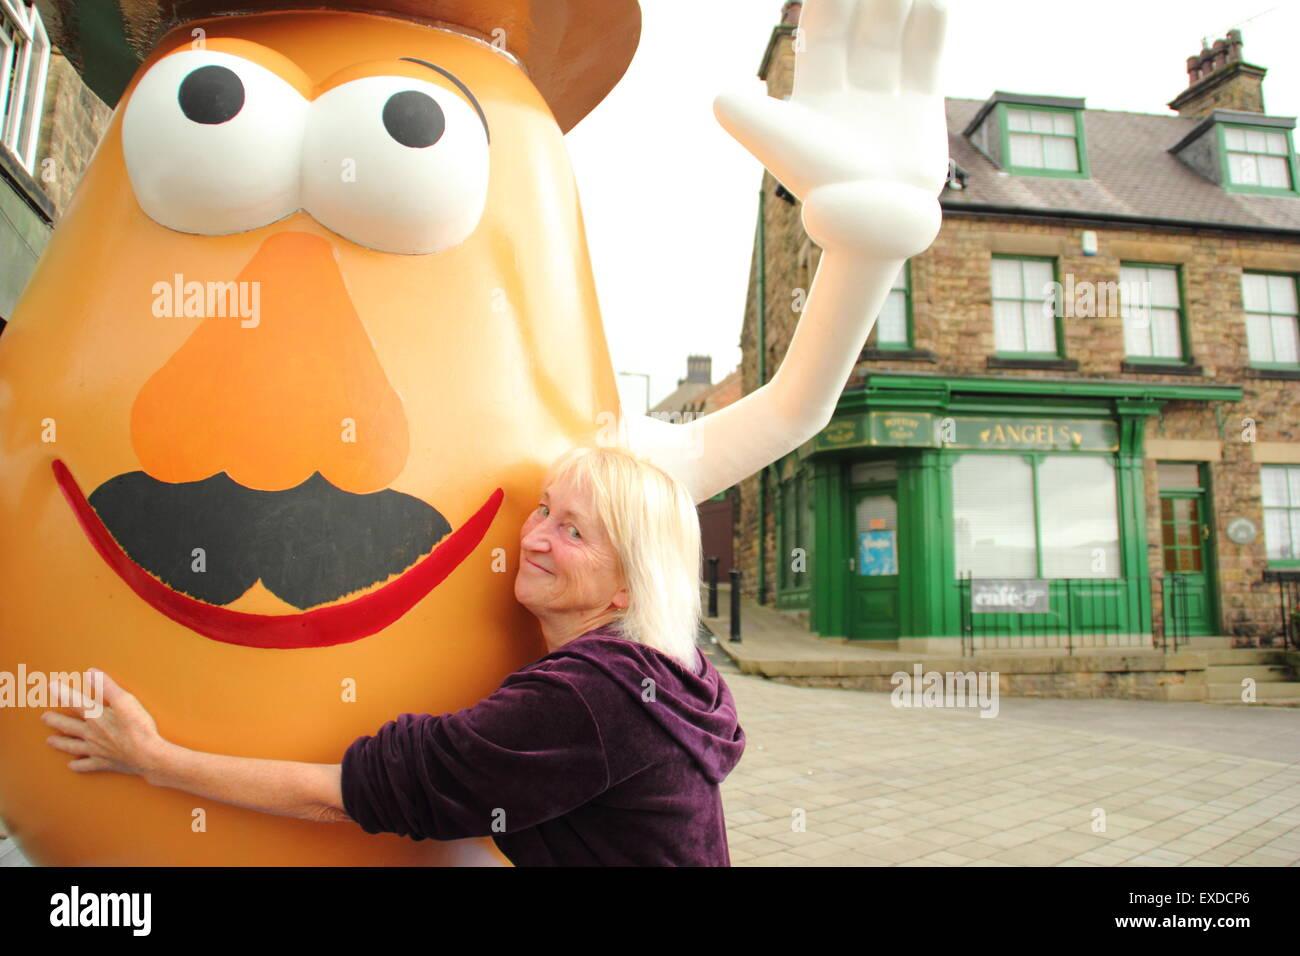 Belper, Derbyshire, UK. 12th July, 2015. Spud fan, Freda Raphael hugs a giant Mr Potato Head that has re-appeared - Stock Image